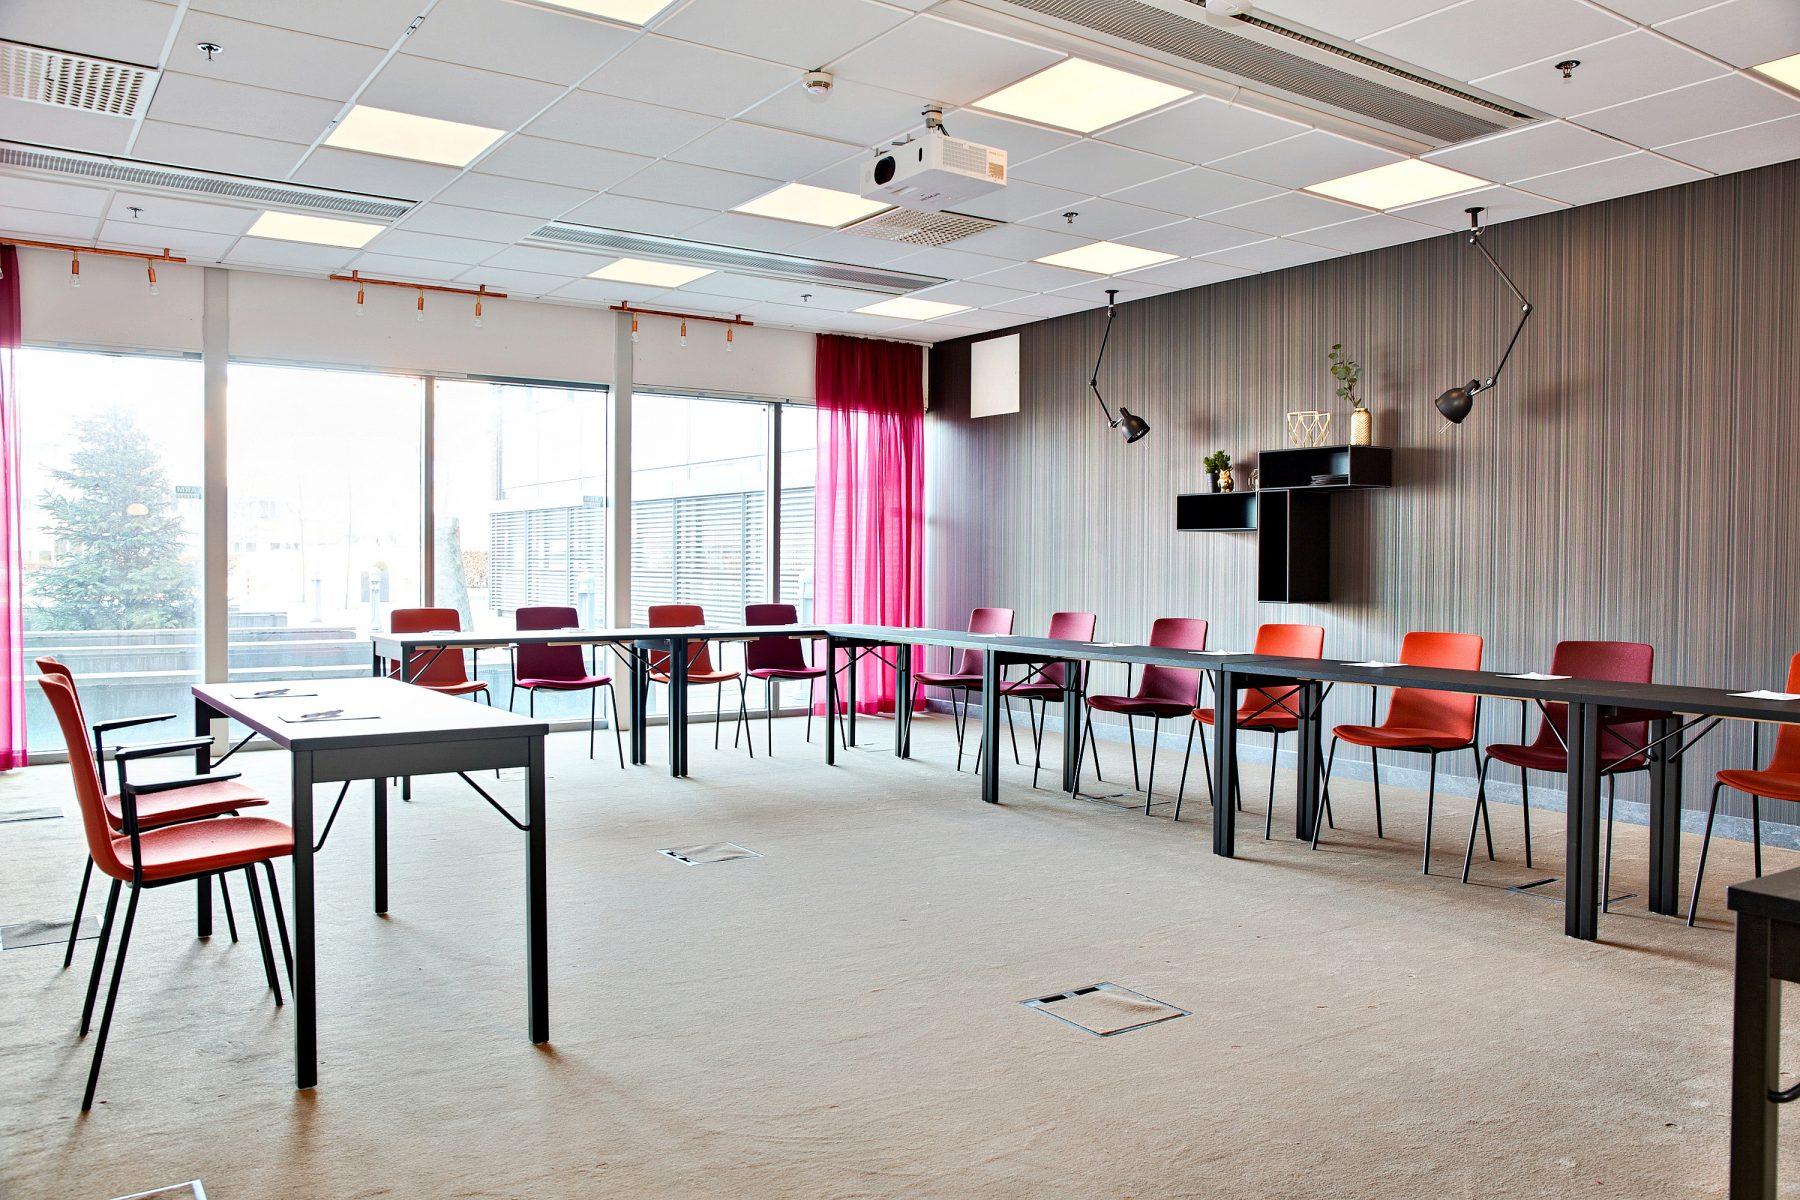 Kontor Bricks Lund Konferensrum Stor1